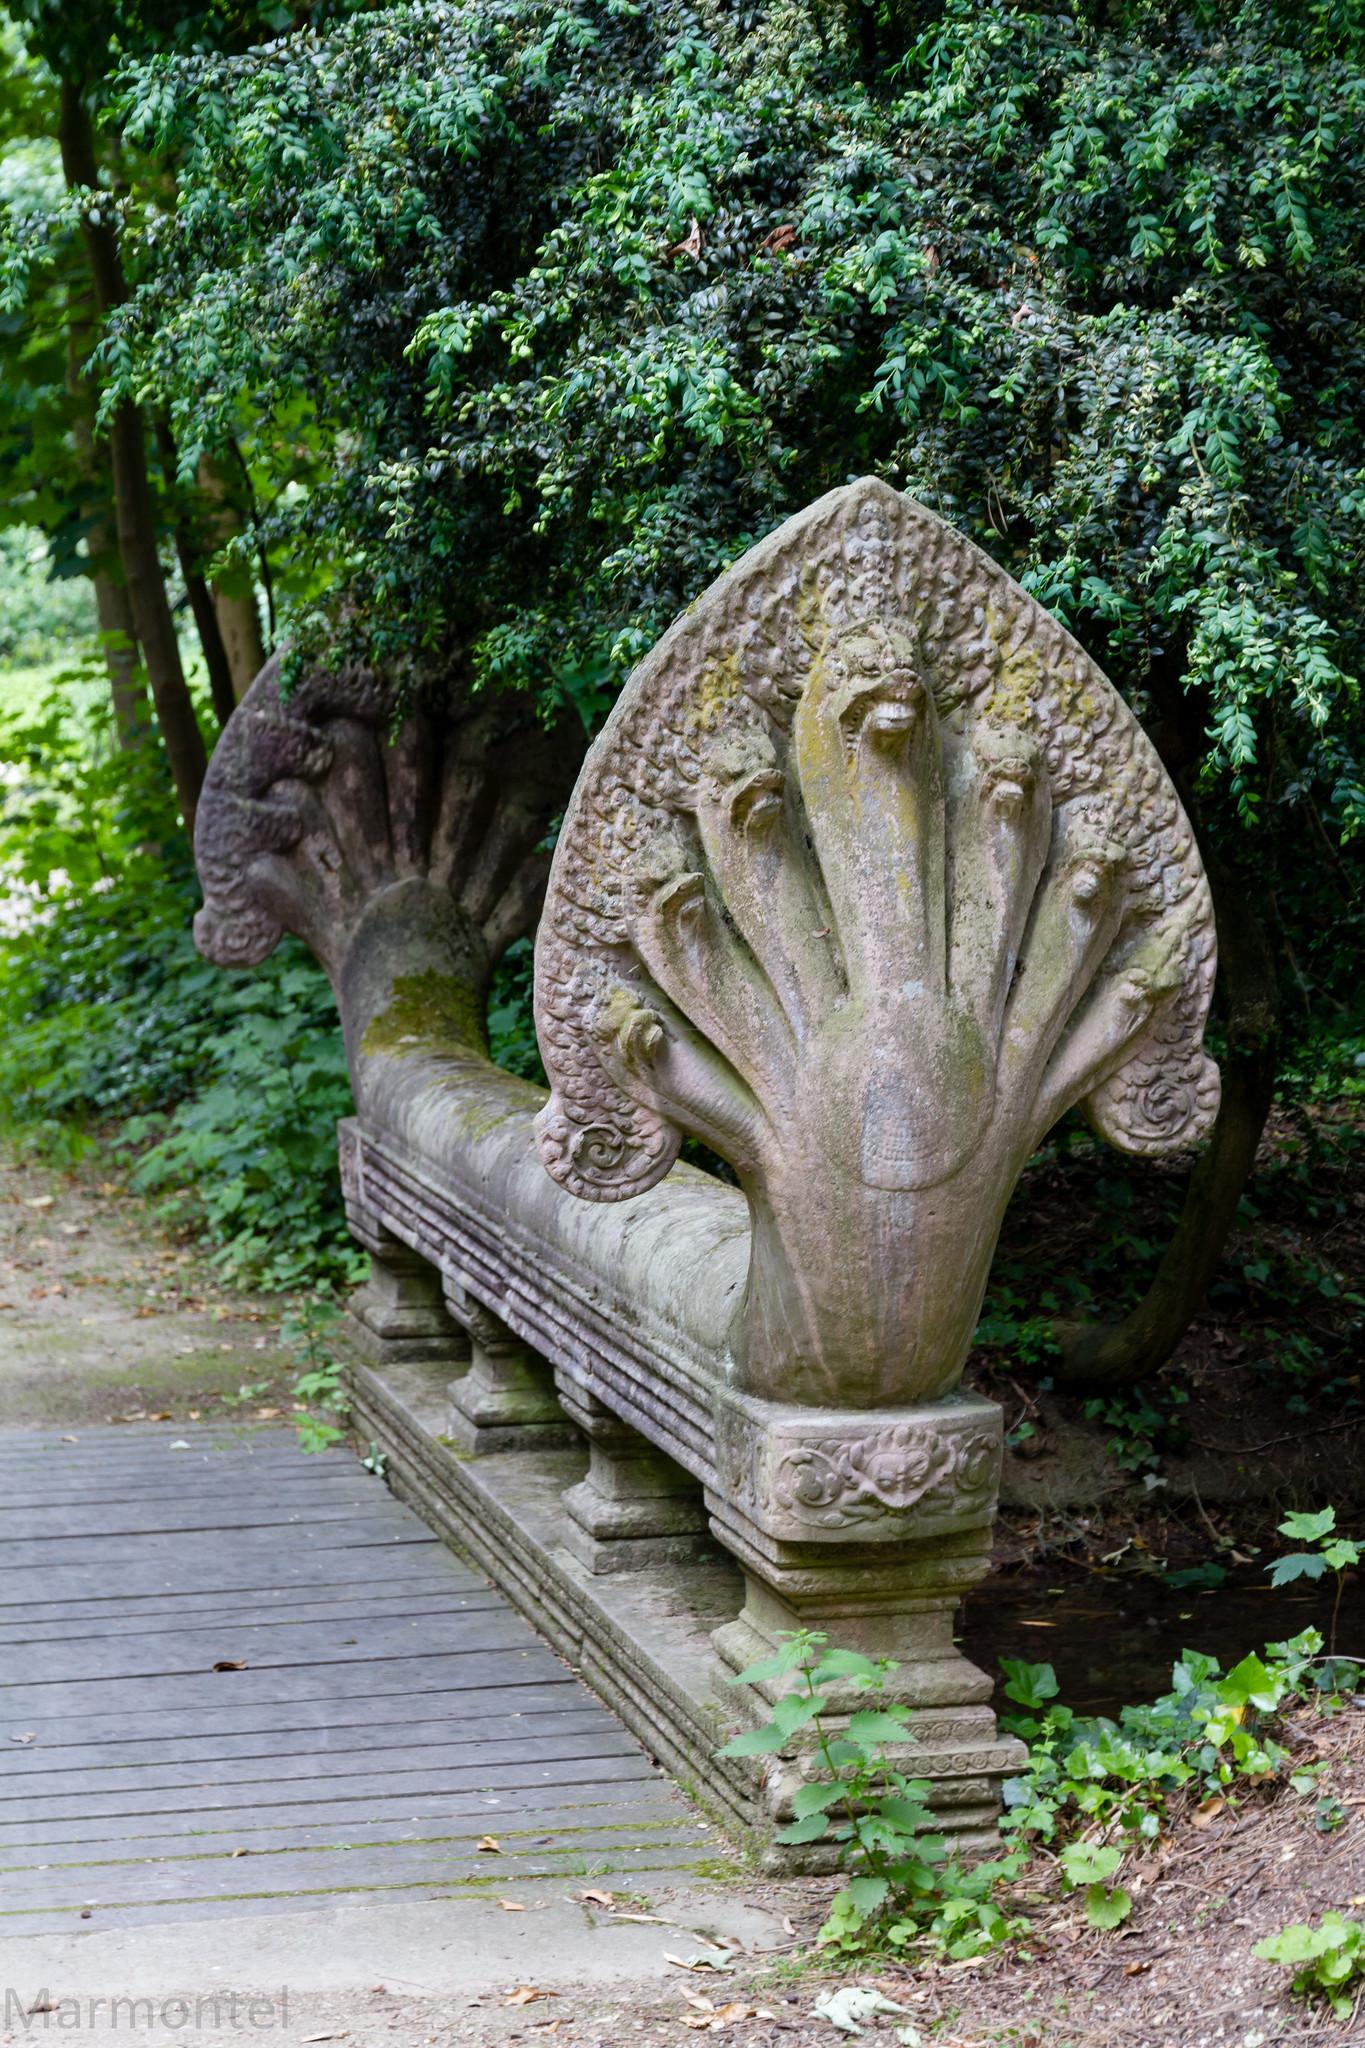 Jardin botanique de paris flickr photo sharing for Jardin botanique paris